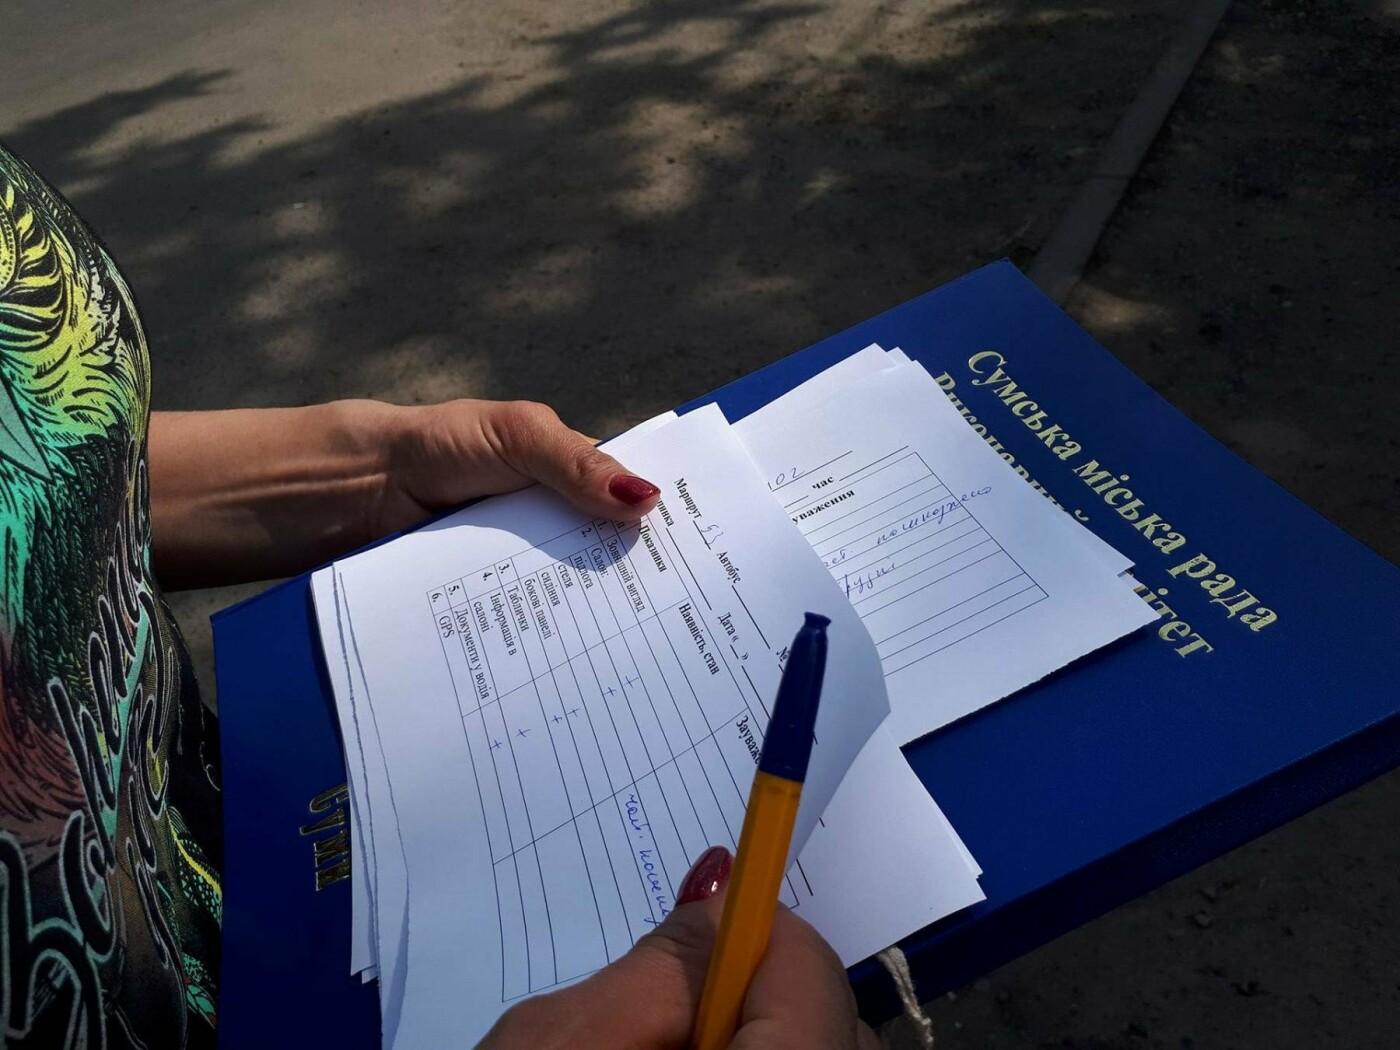 Временная транспортная комиссия завершила повторную проверку частных перевозчиков в Сумах, фото-2